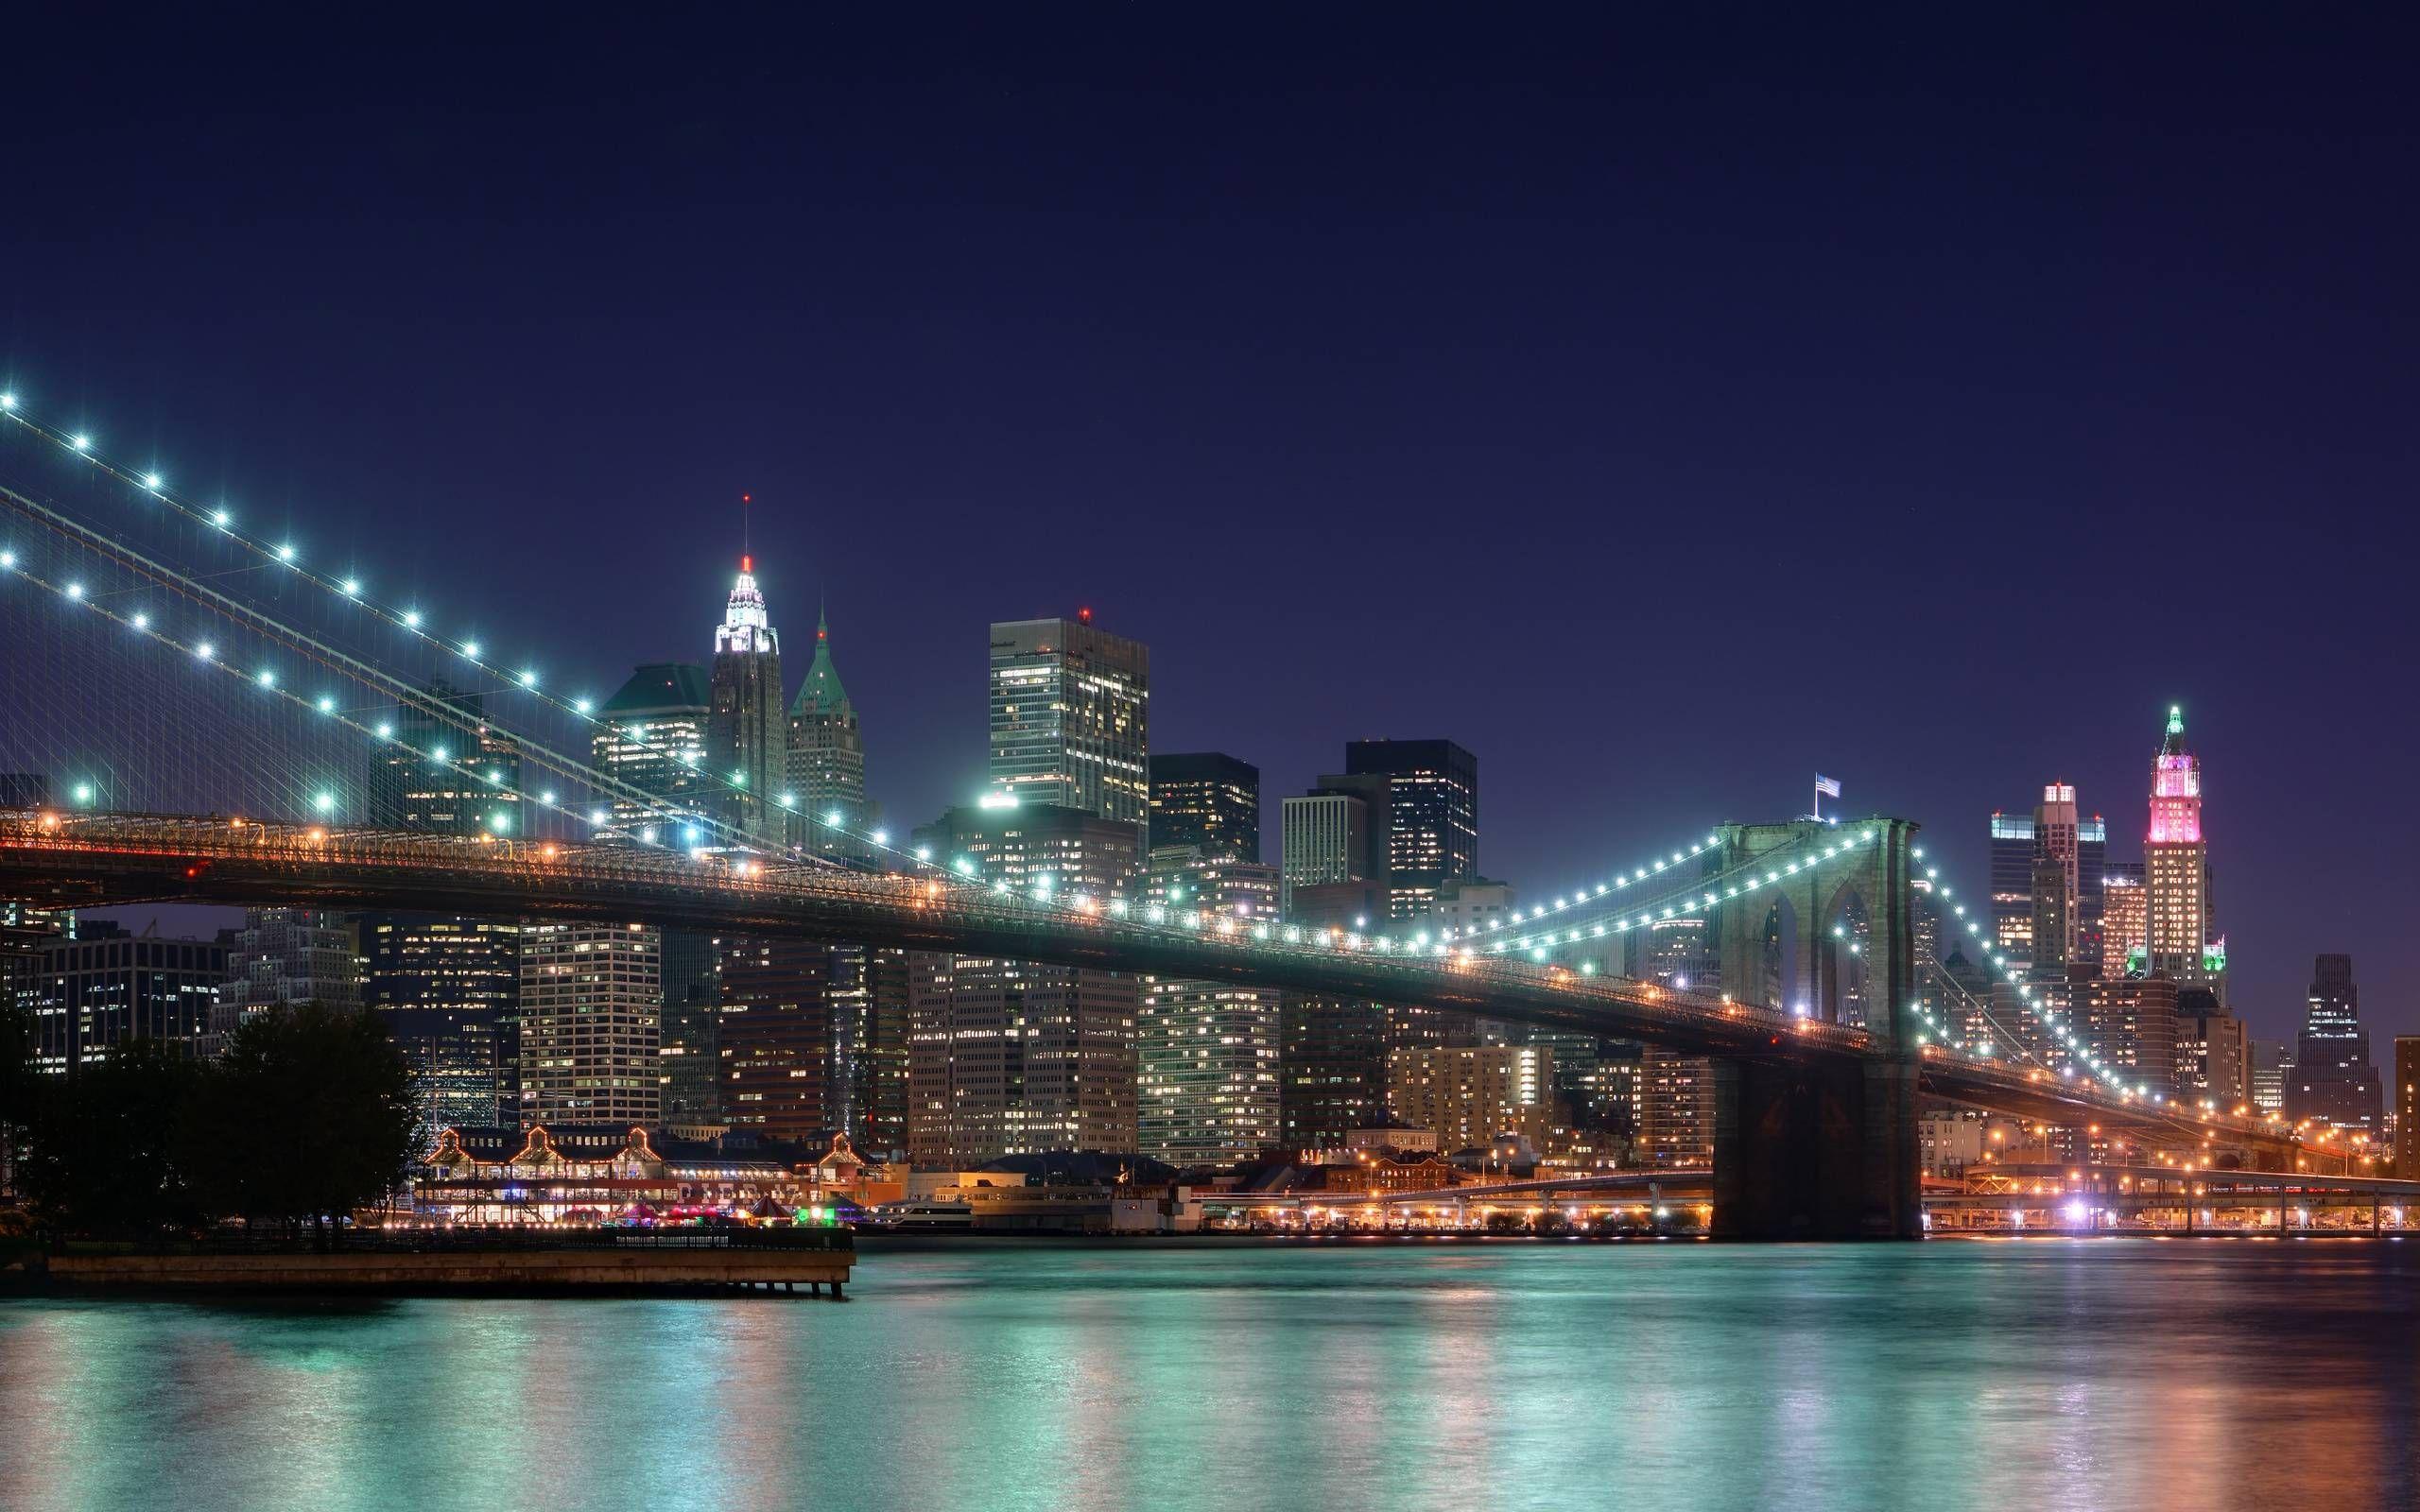 Hd Brooklyn Bridge Wallpaper